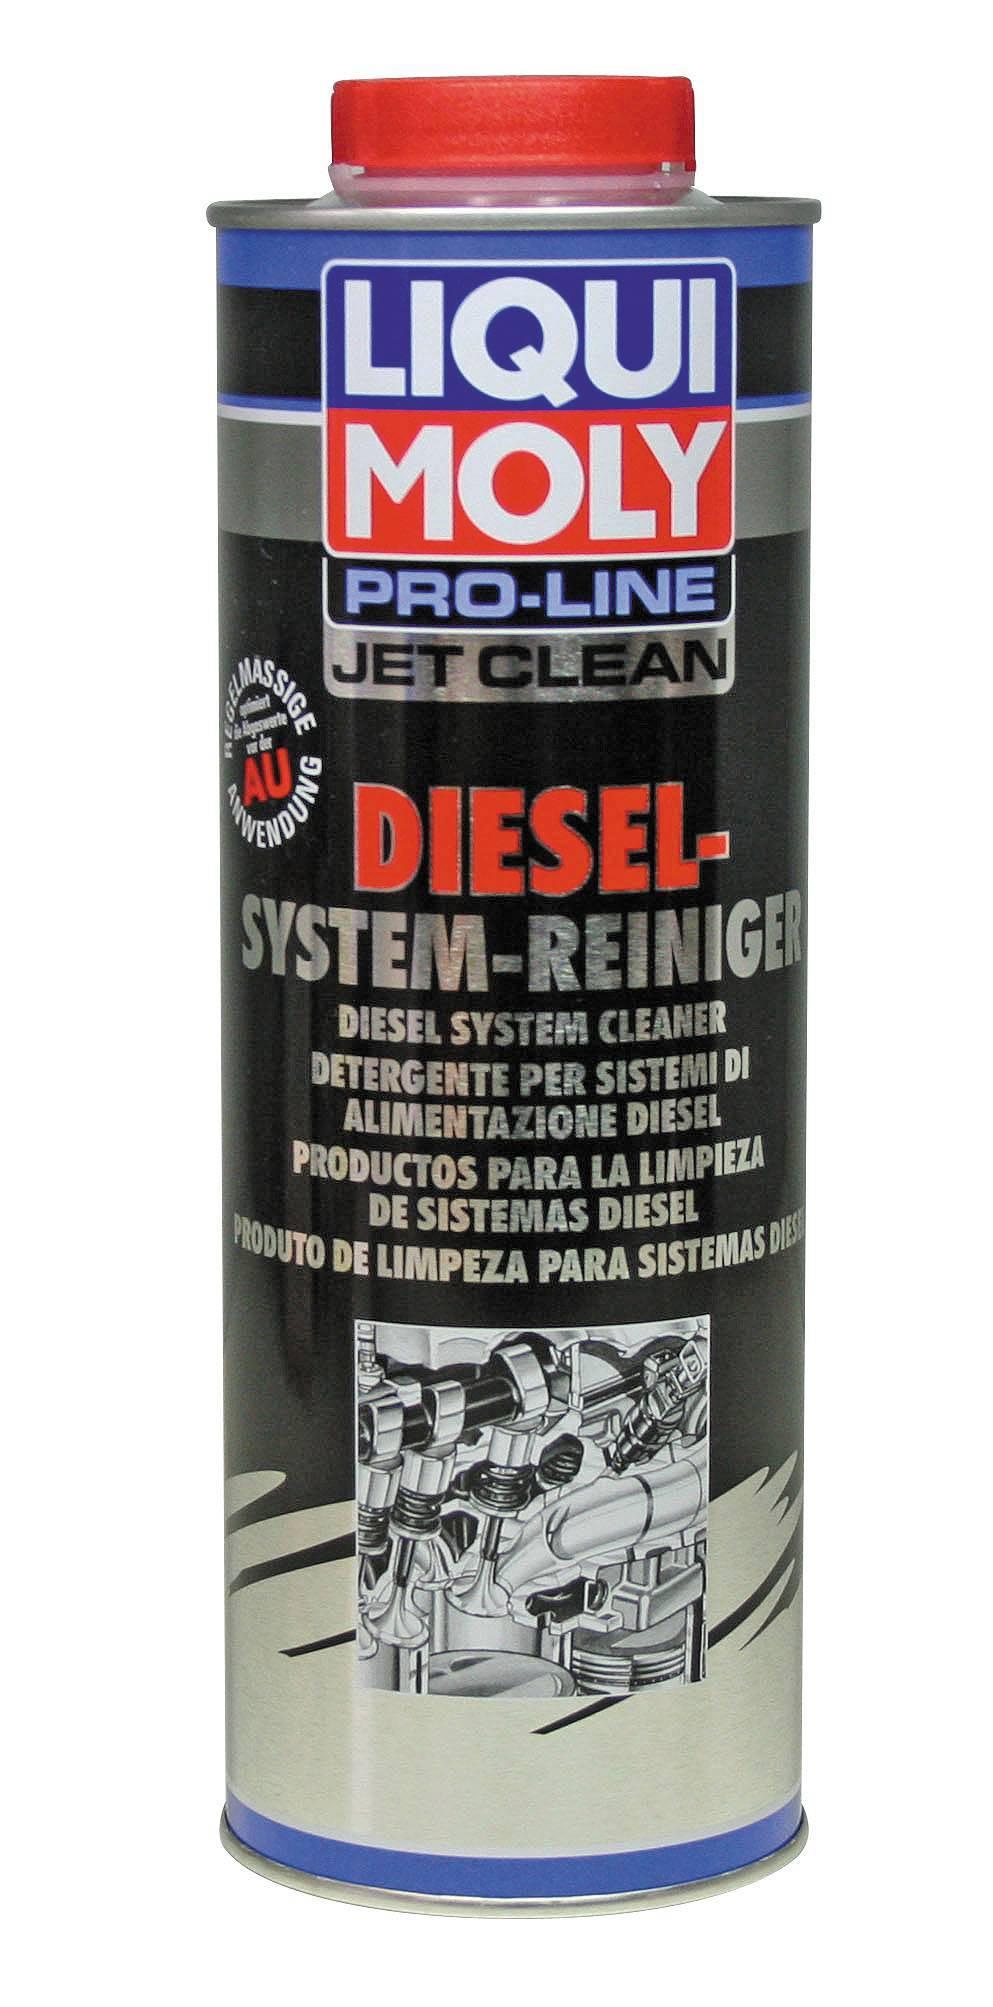 Liqui Moly Pro Line JetClean Diesel System Reiniger Жидкость для очистки дизельных топливных систем